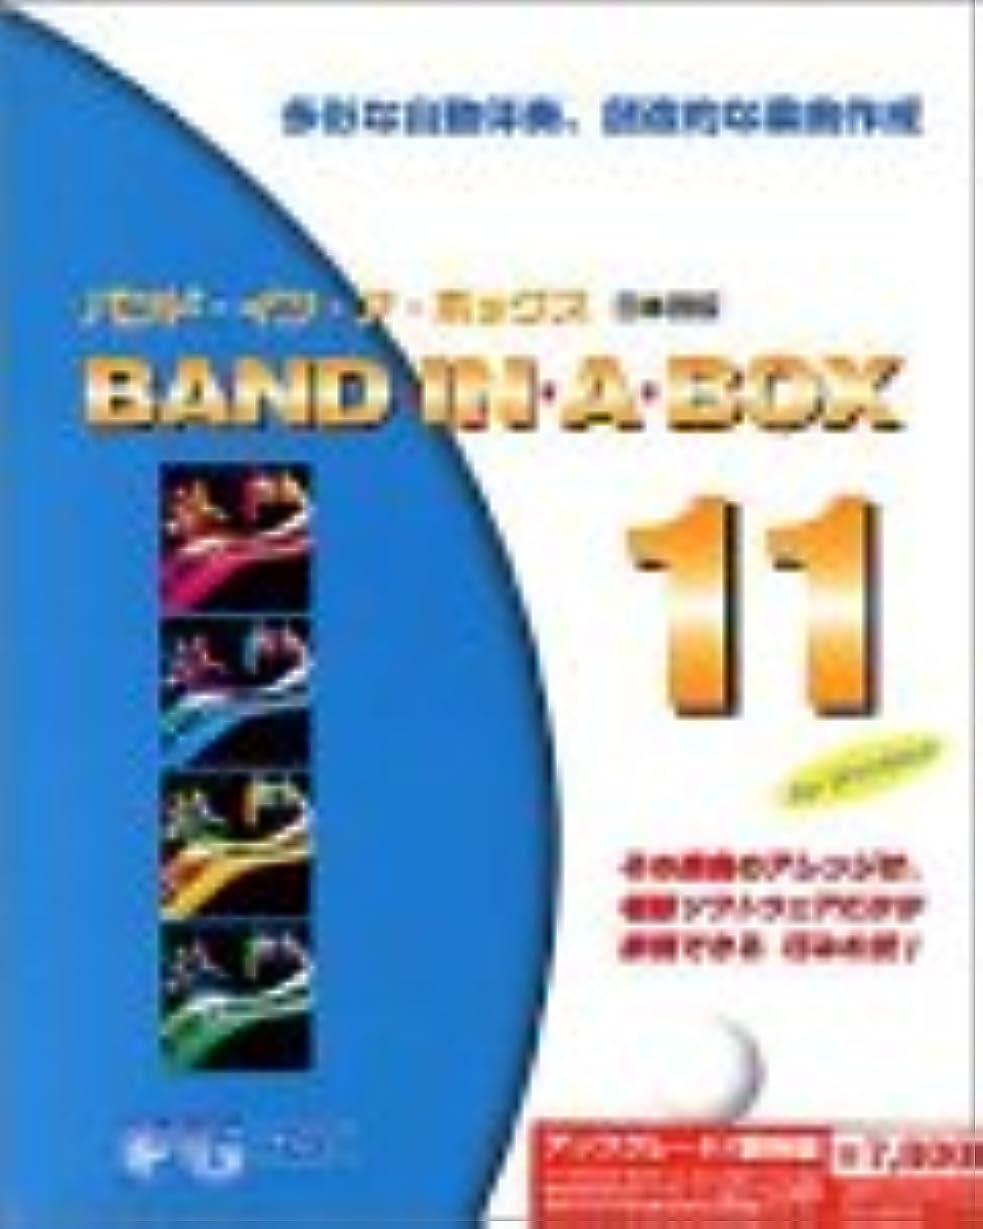 スワップ句セッティングBand in a Box 11 日本語版 for Windows アップグレード/優待版